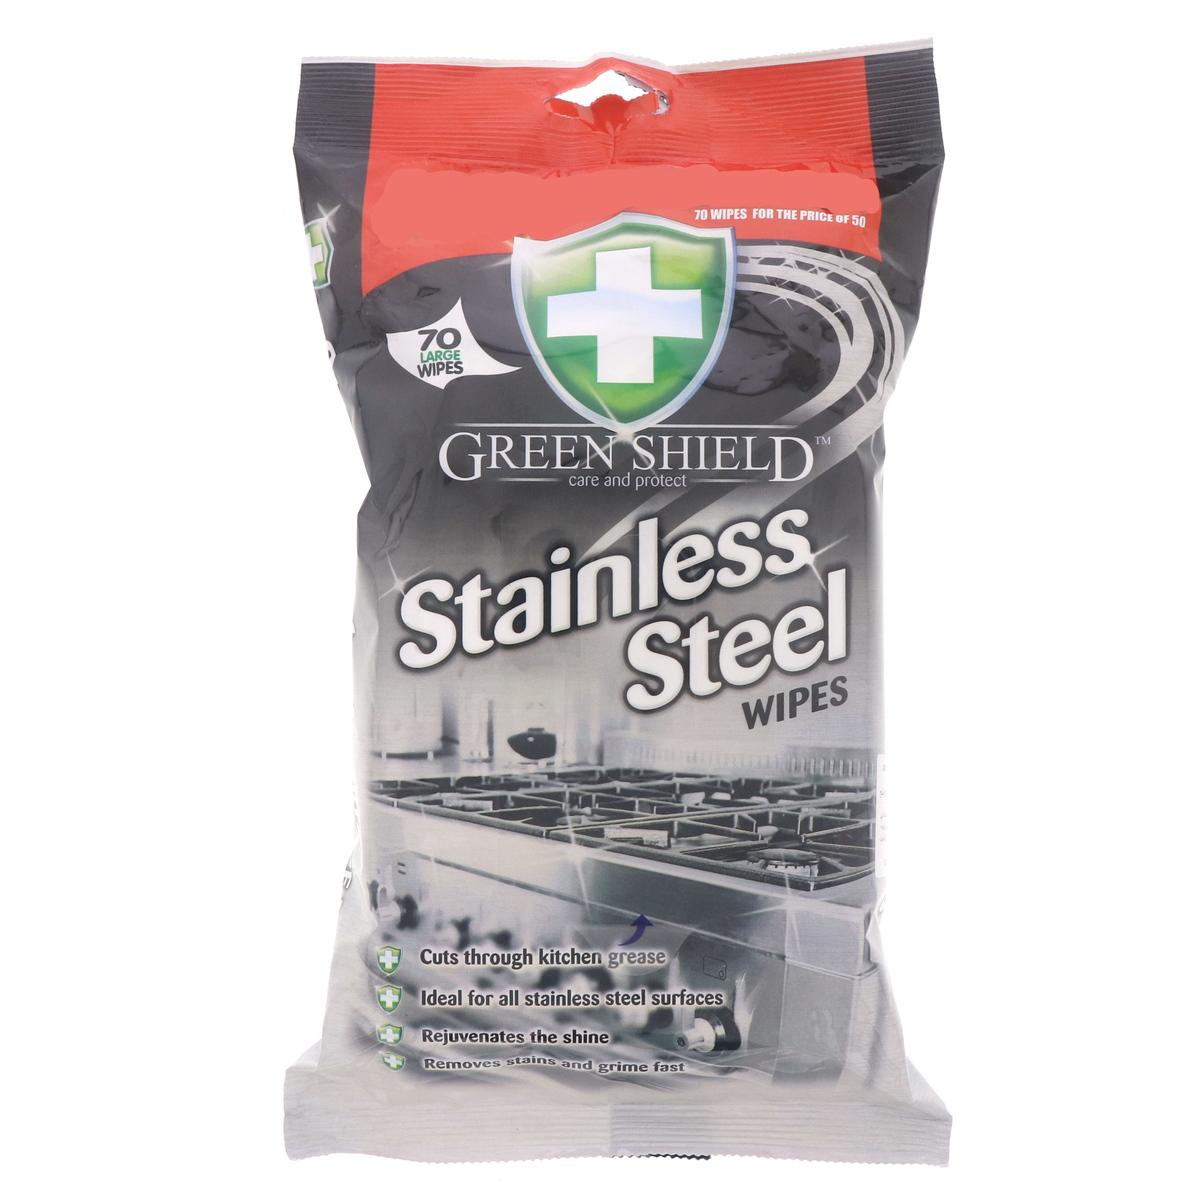 Green Shield Stainless Steel Wipes 70Pcs - Buy Online in KSA